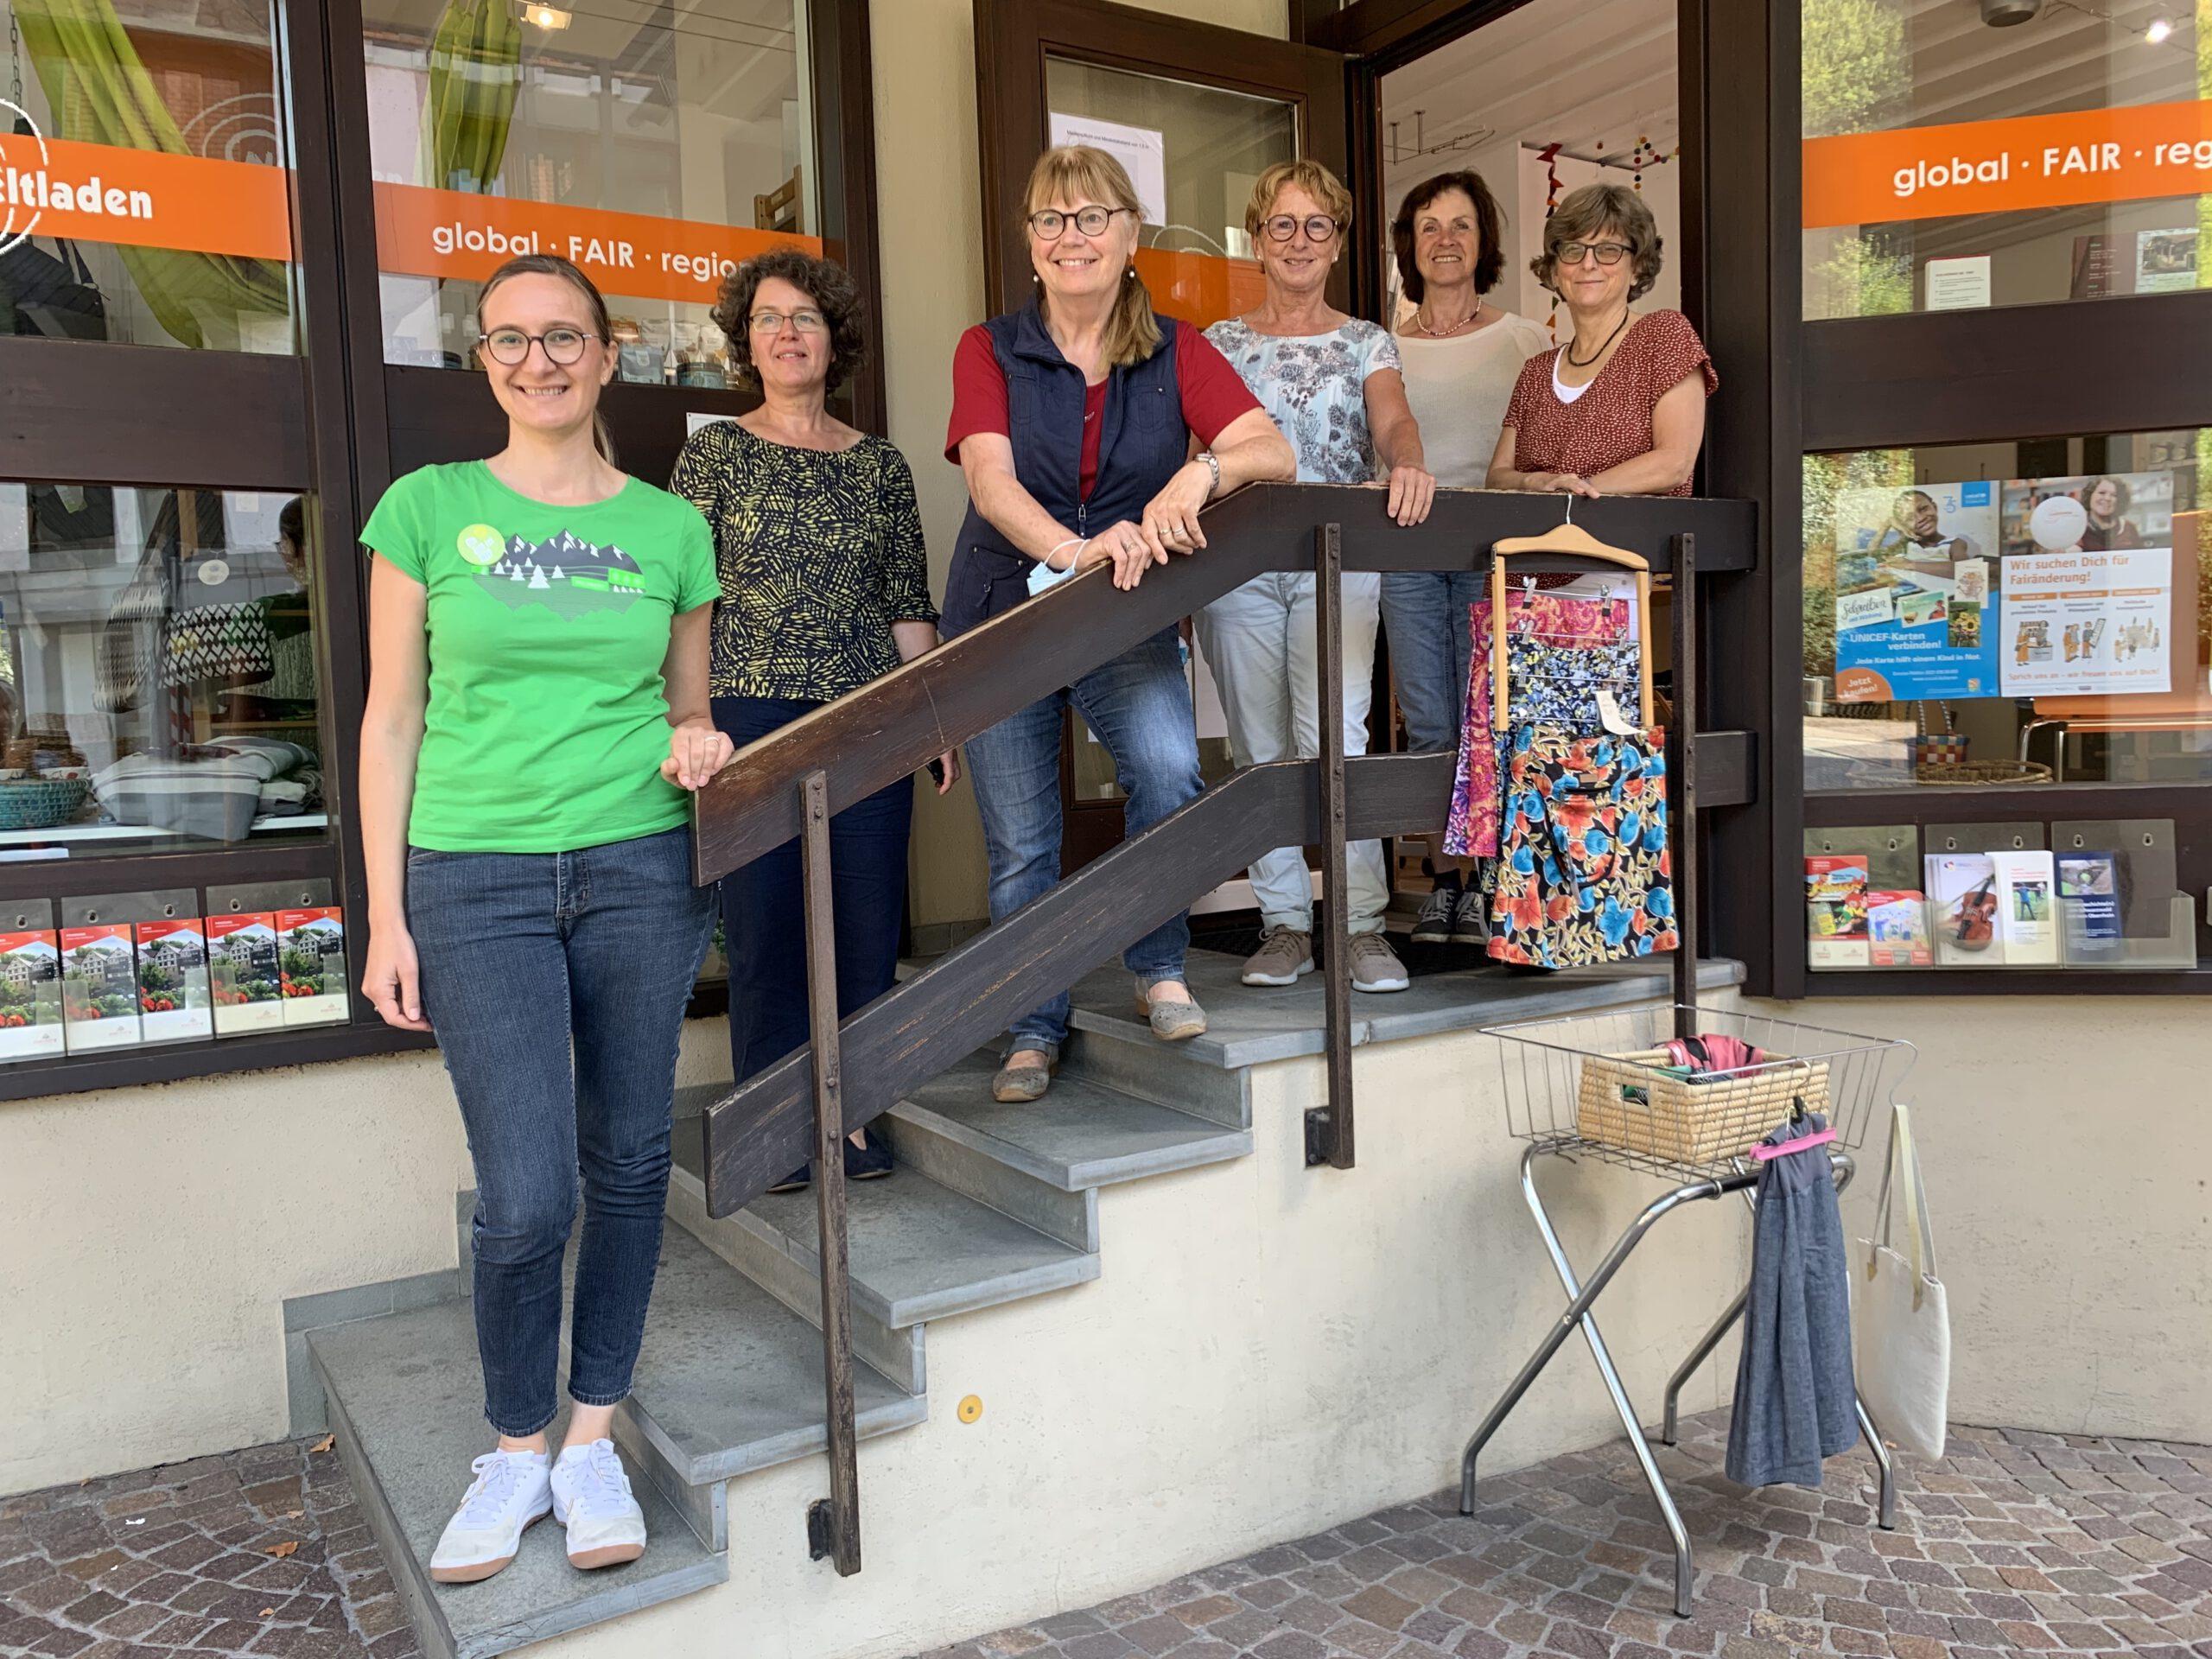 NRWZ vom 18.08.2021: Nachhaltigkeit ins Städtle bringen